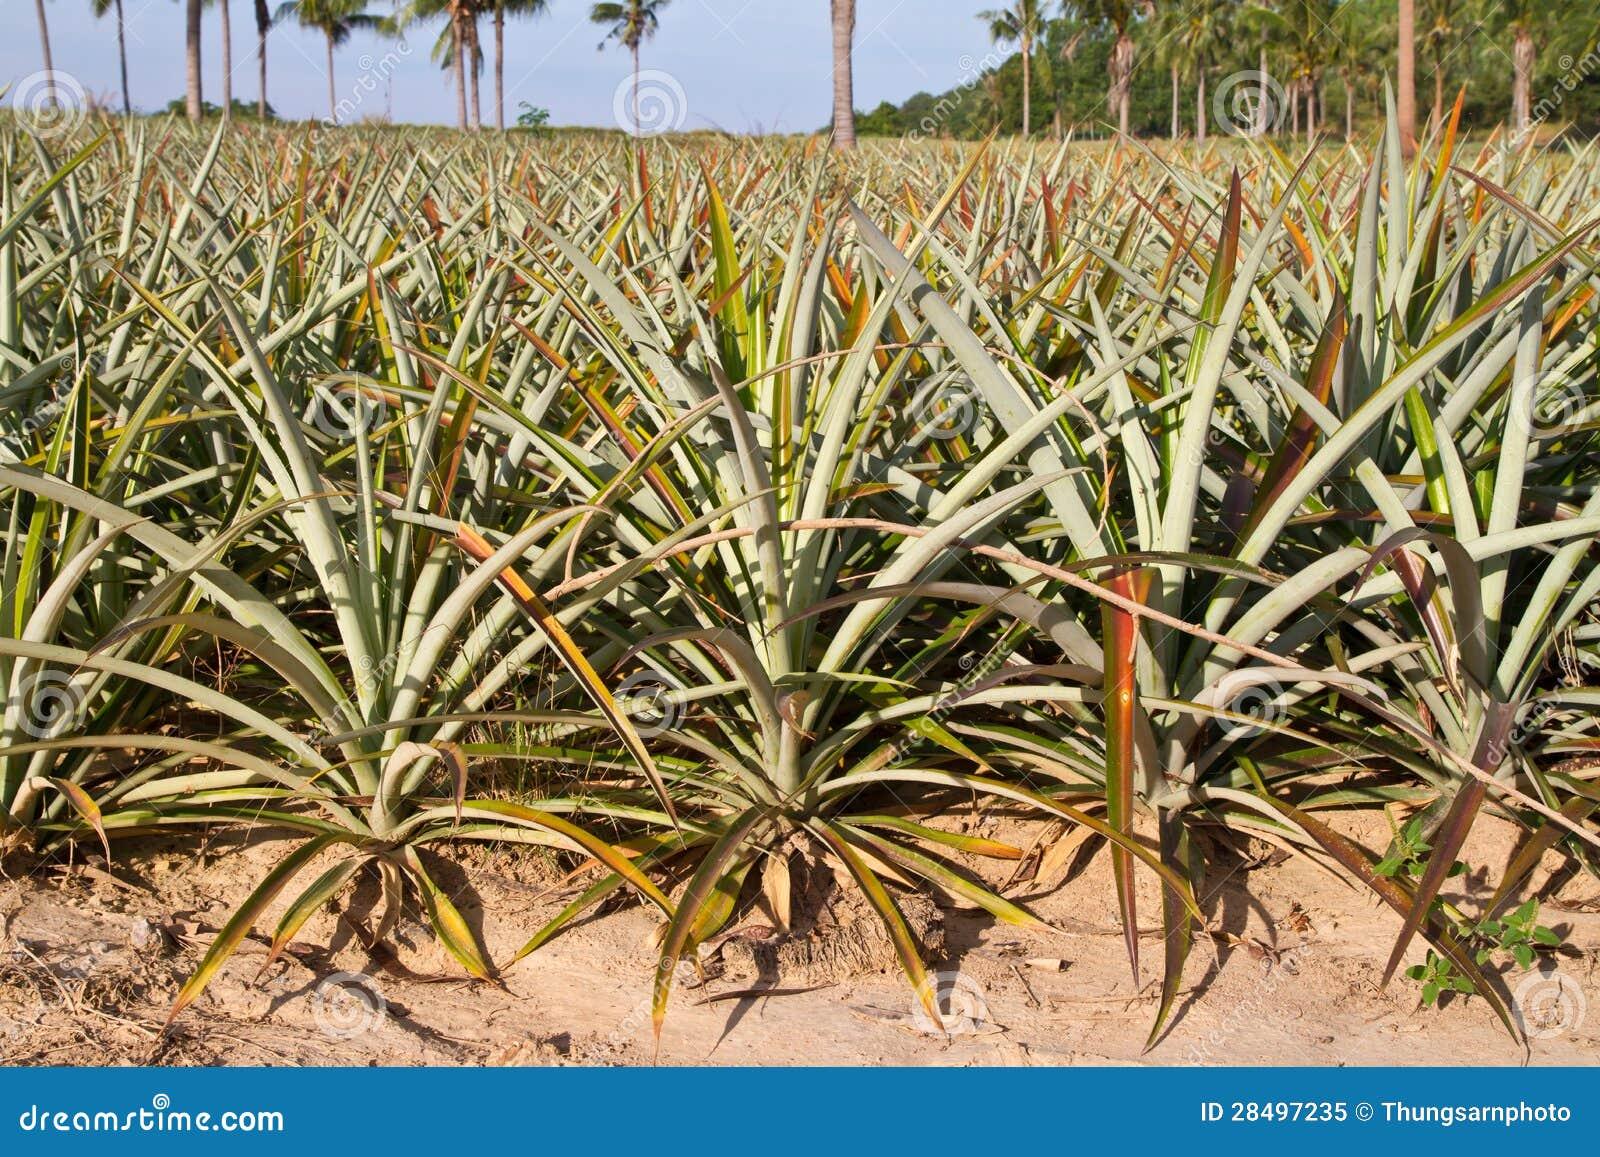 Ananasv xt royaltyfri foto bild 28497235 - Pianta ananas ...